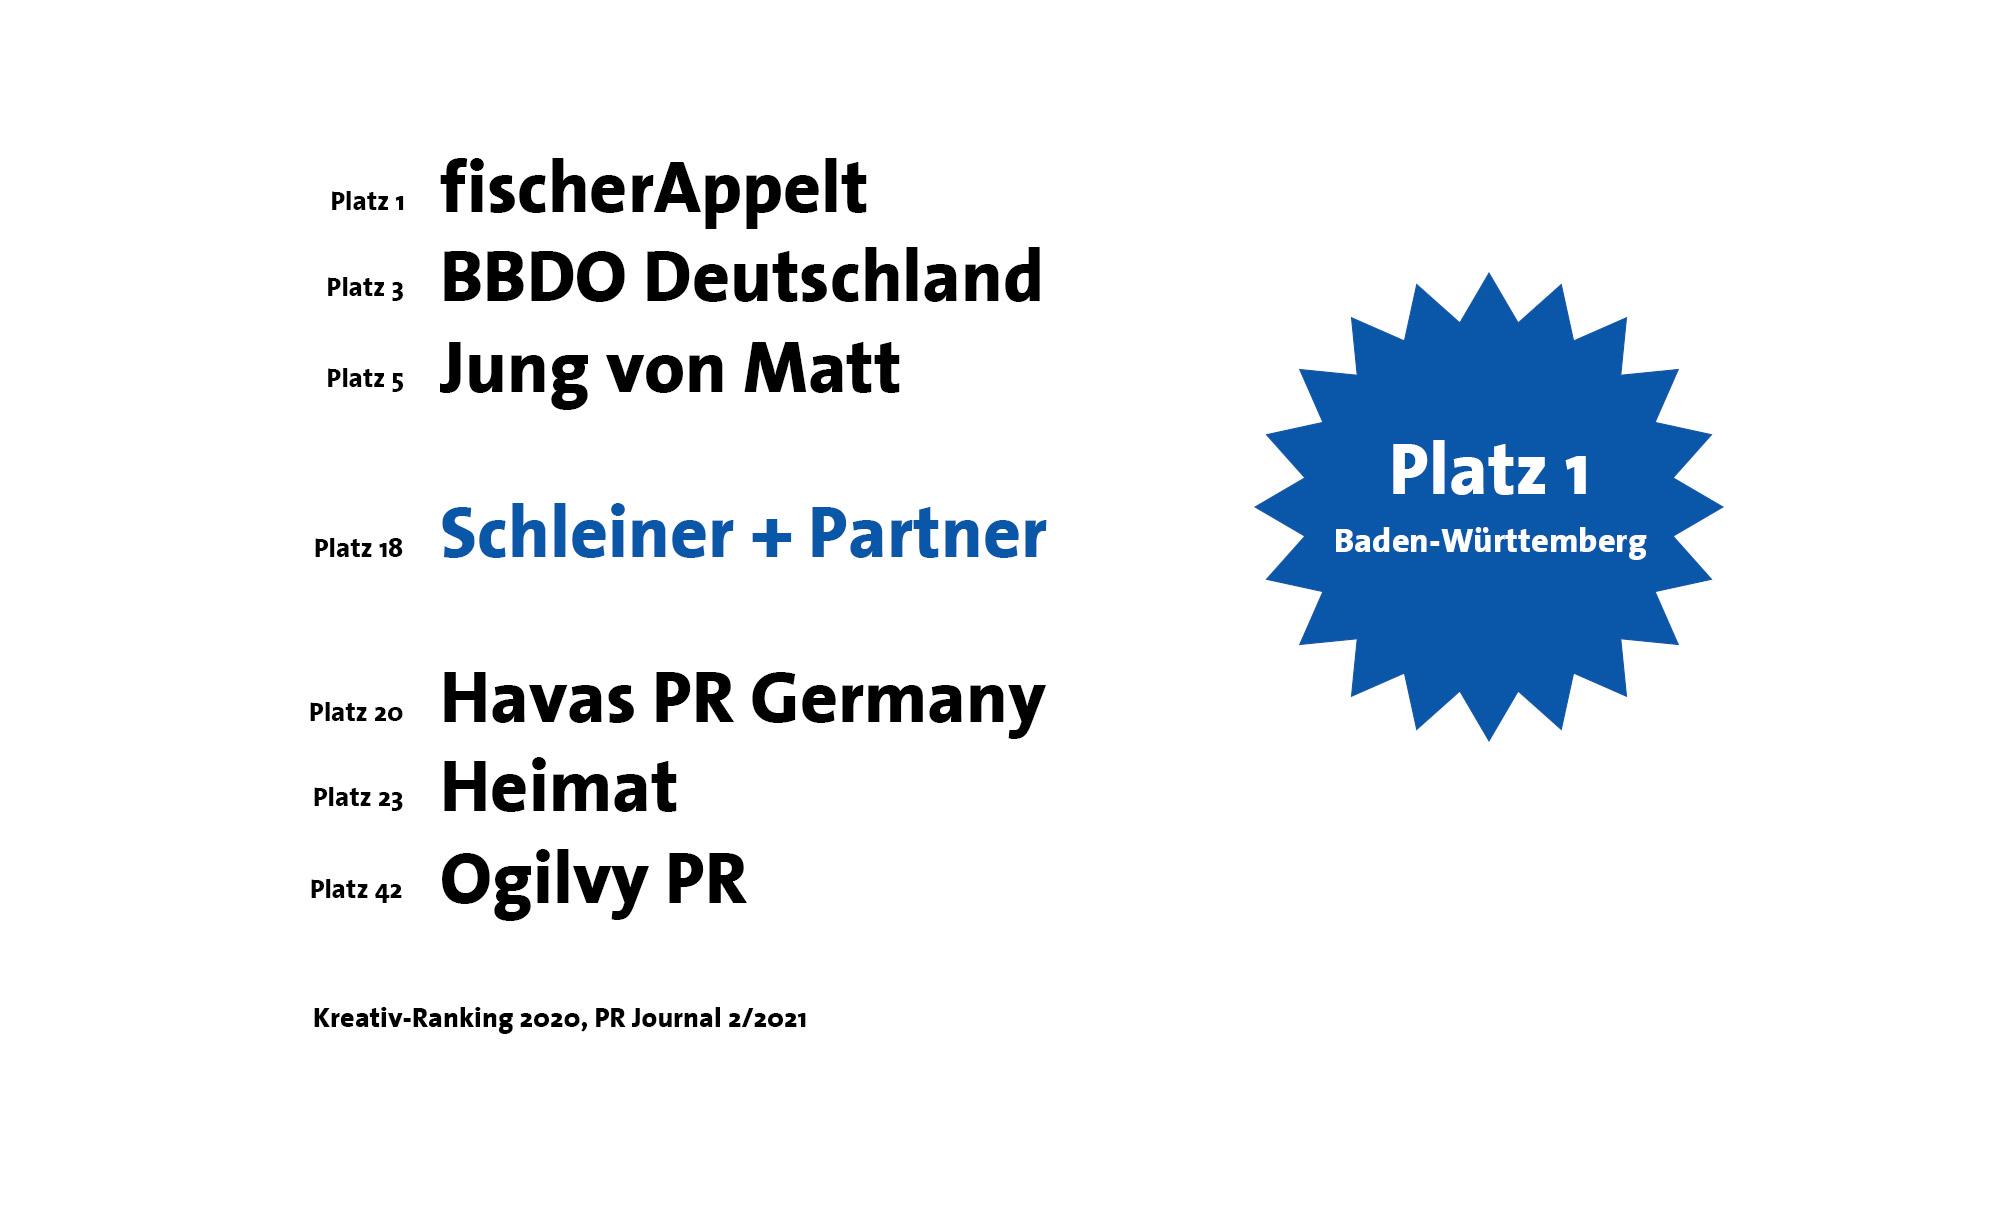 Kreativ Ranking 2021: Werbeagentur Schleiner + Partner auf Platz 18 in Deutschland und Platz 1 in Baden-Württemberg.